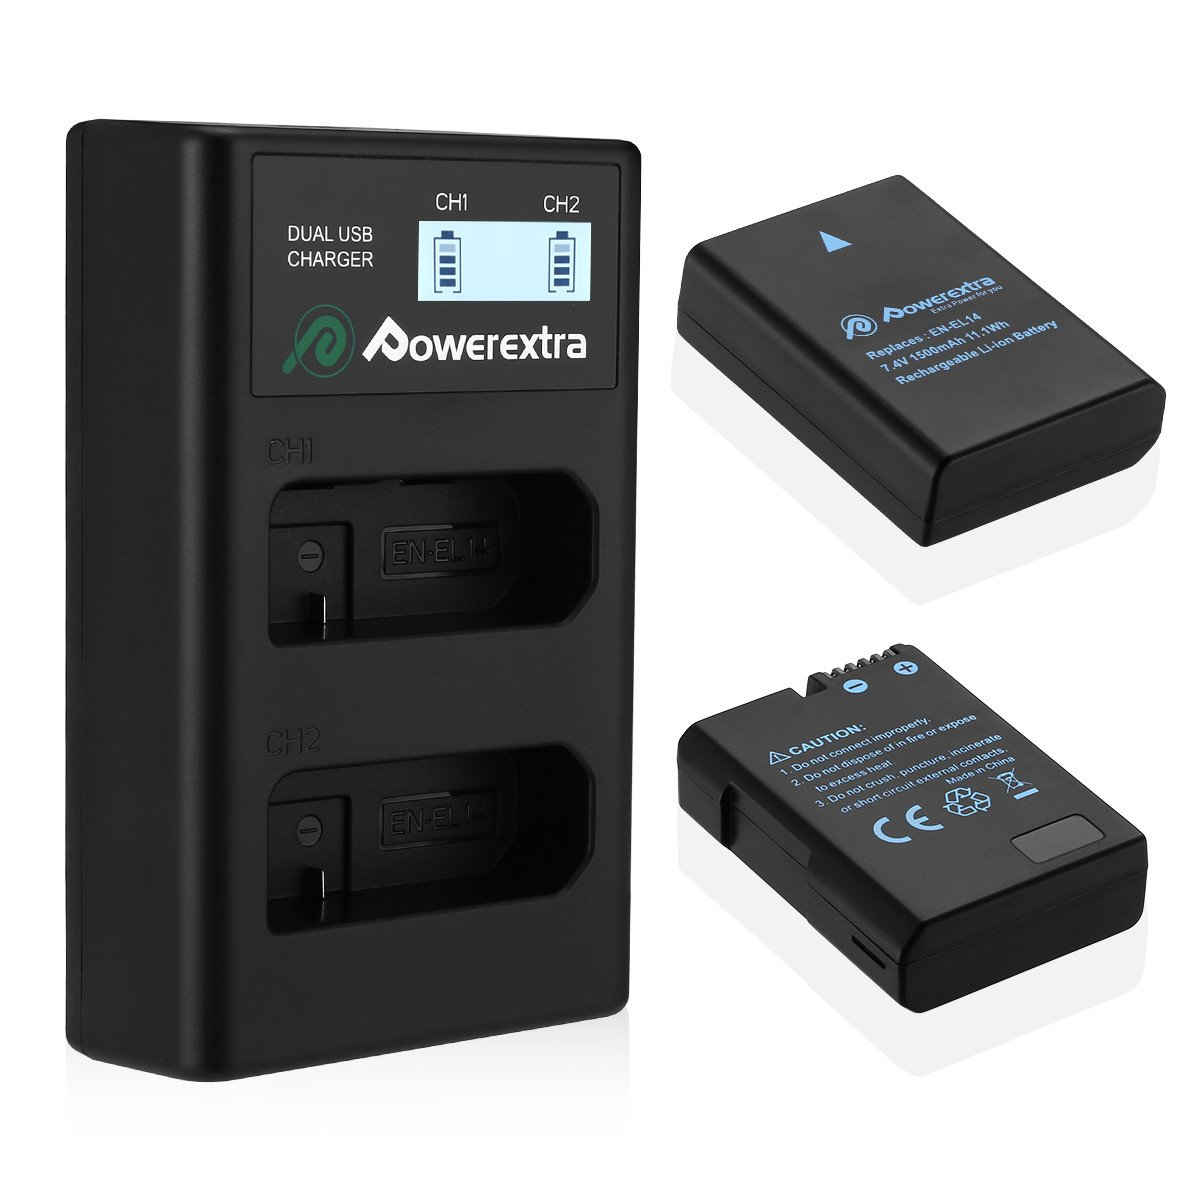 Powerextra Baterías Nikon EN EL14 y EN-EL14a de Repuesto con Cargador Inteligete Pantalla LCD para Nikon P7000 P7100 P7700 P7800 D3100 D3200 D3300 D5100 ...